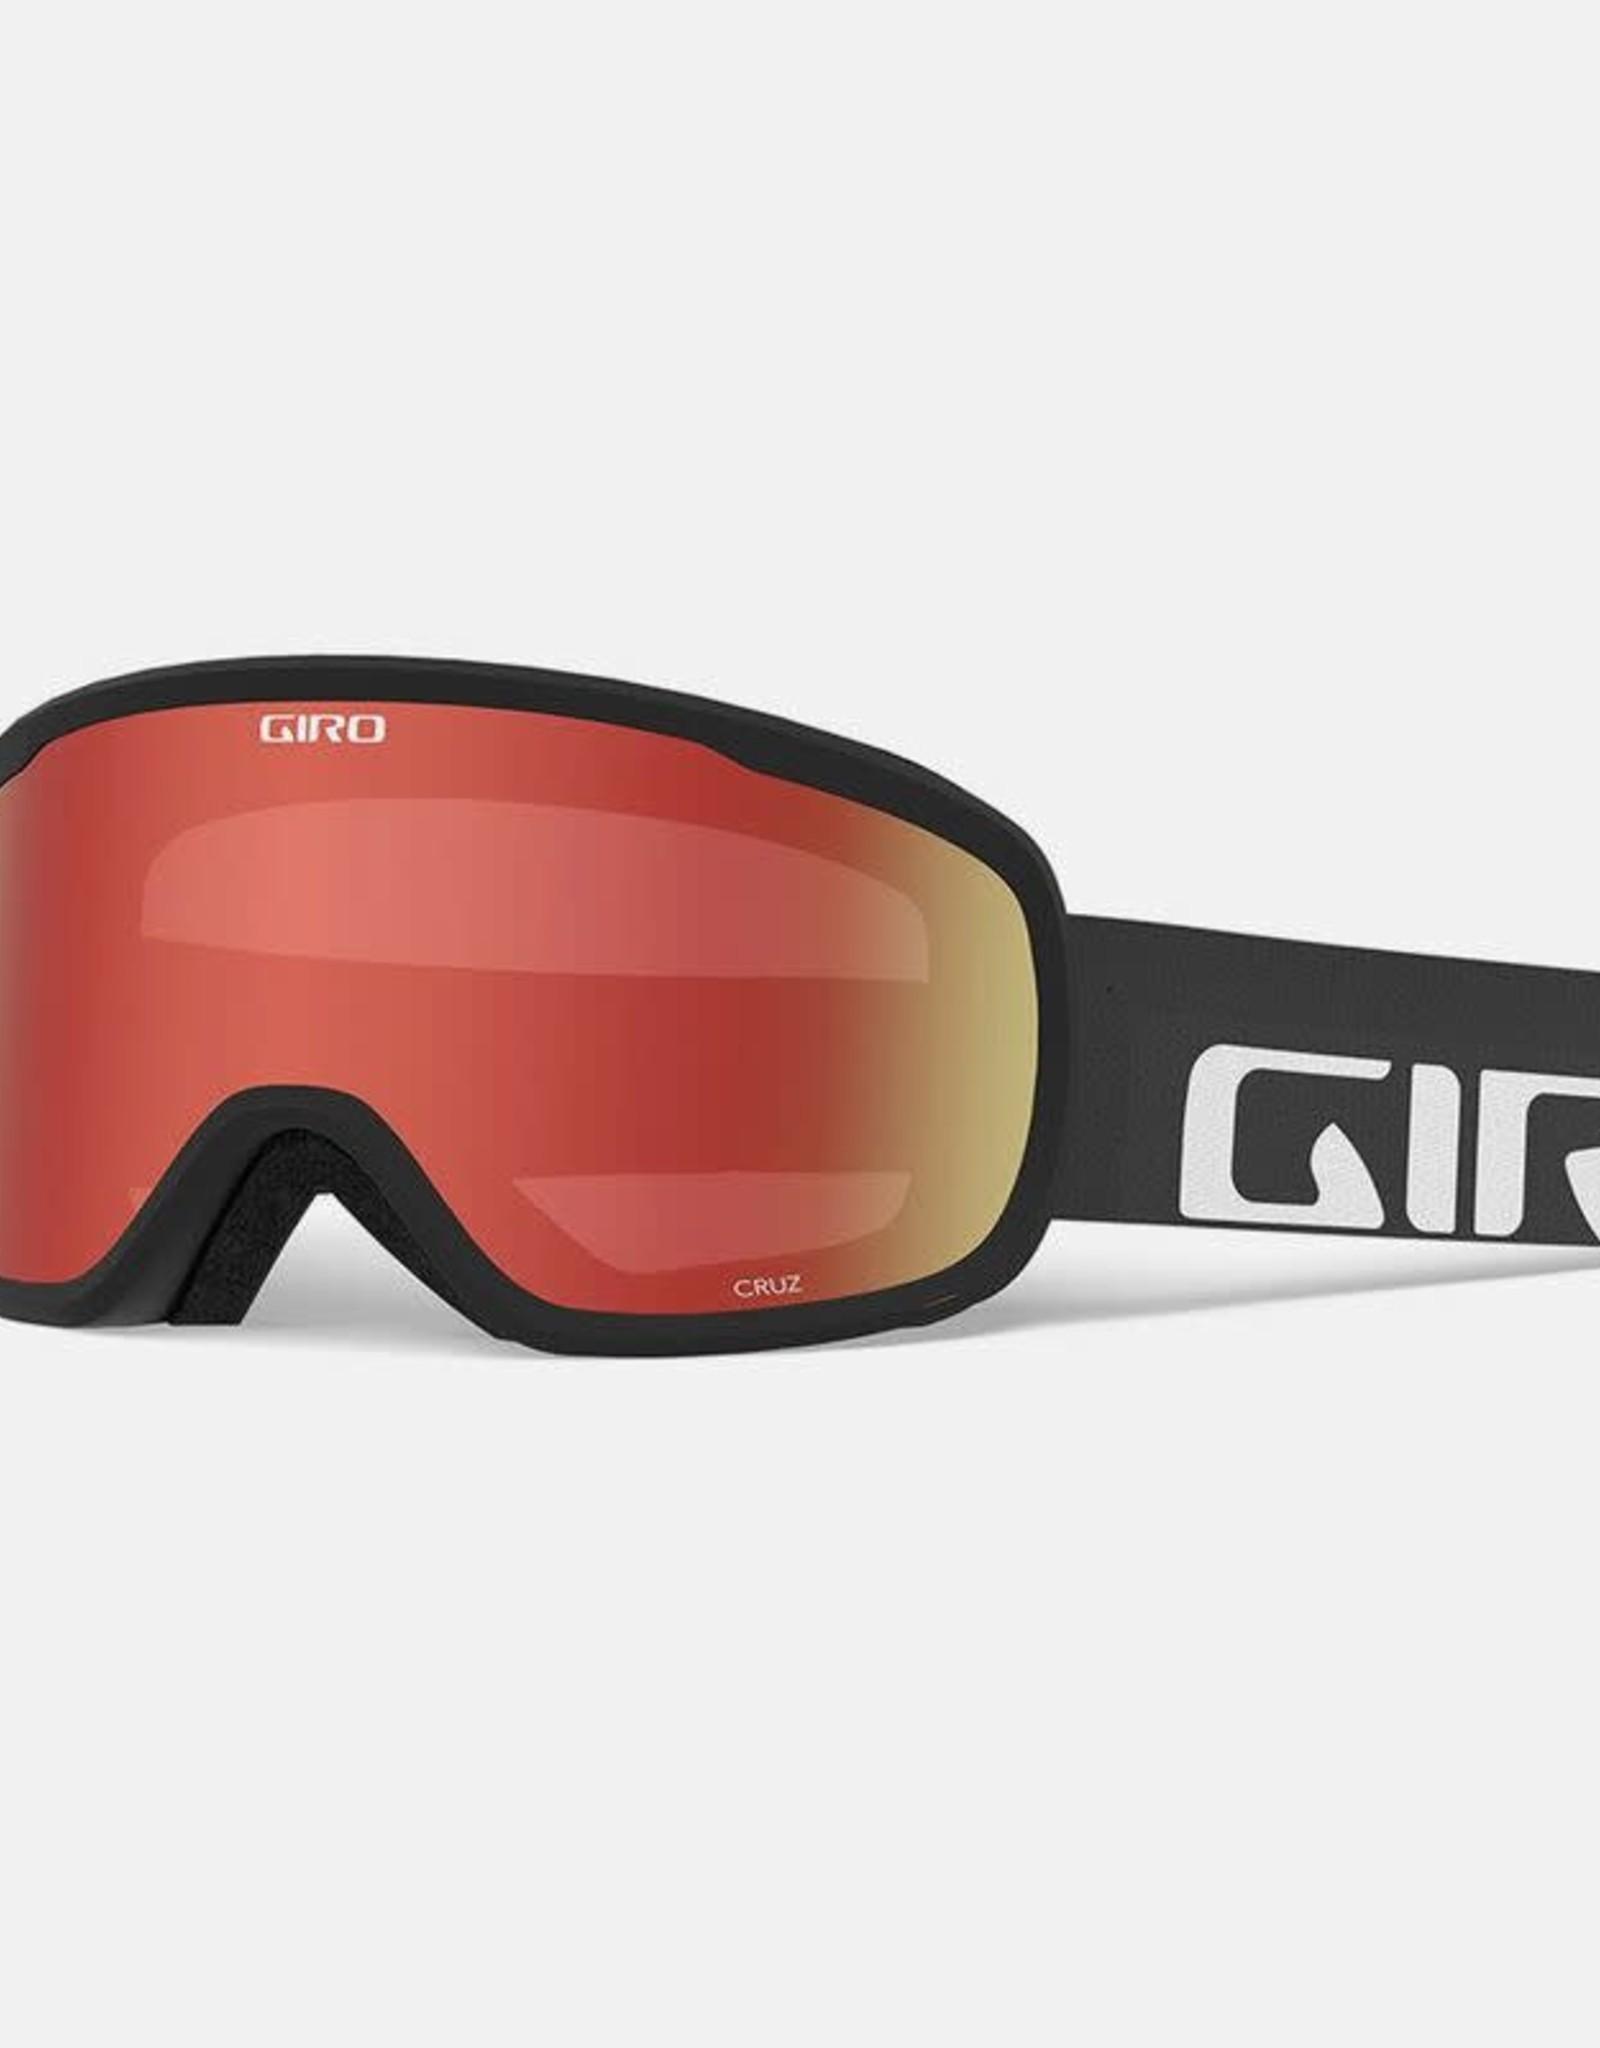 Giro - CRUZ Goggle - Black Woodmark w/ Amber Scarlet